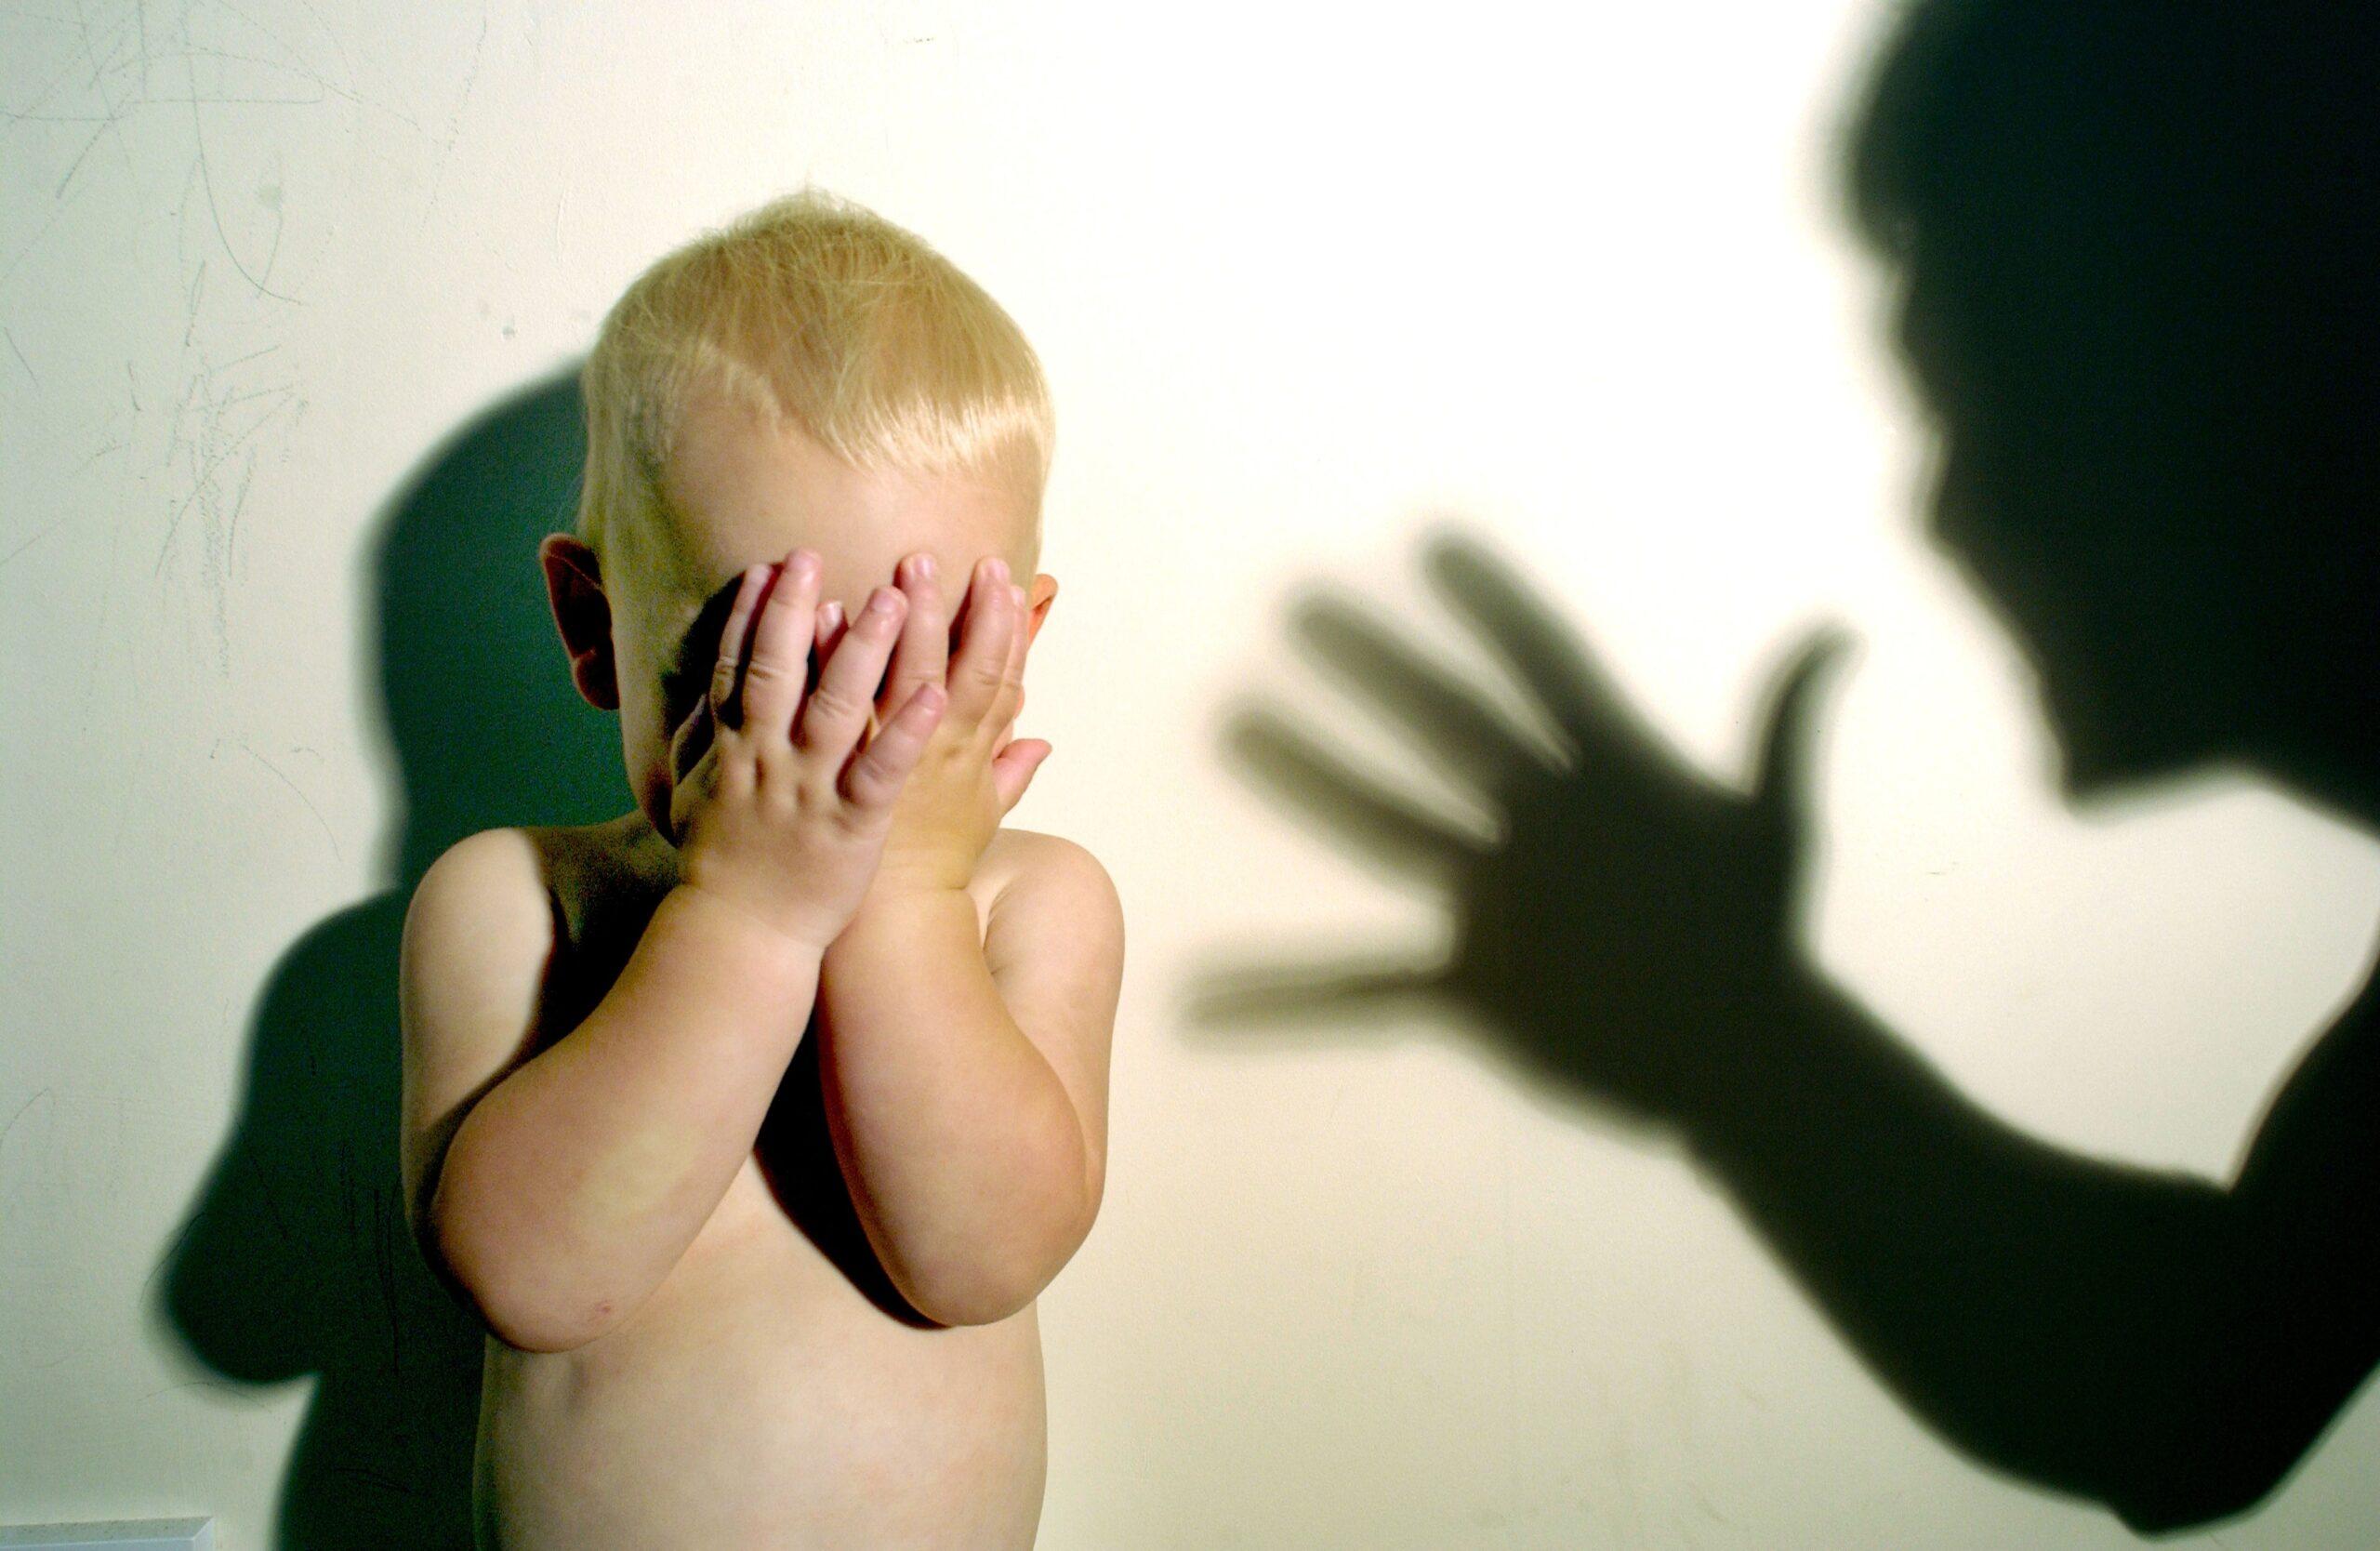 صراخ وتعنيف الآباء للأبناء